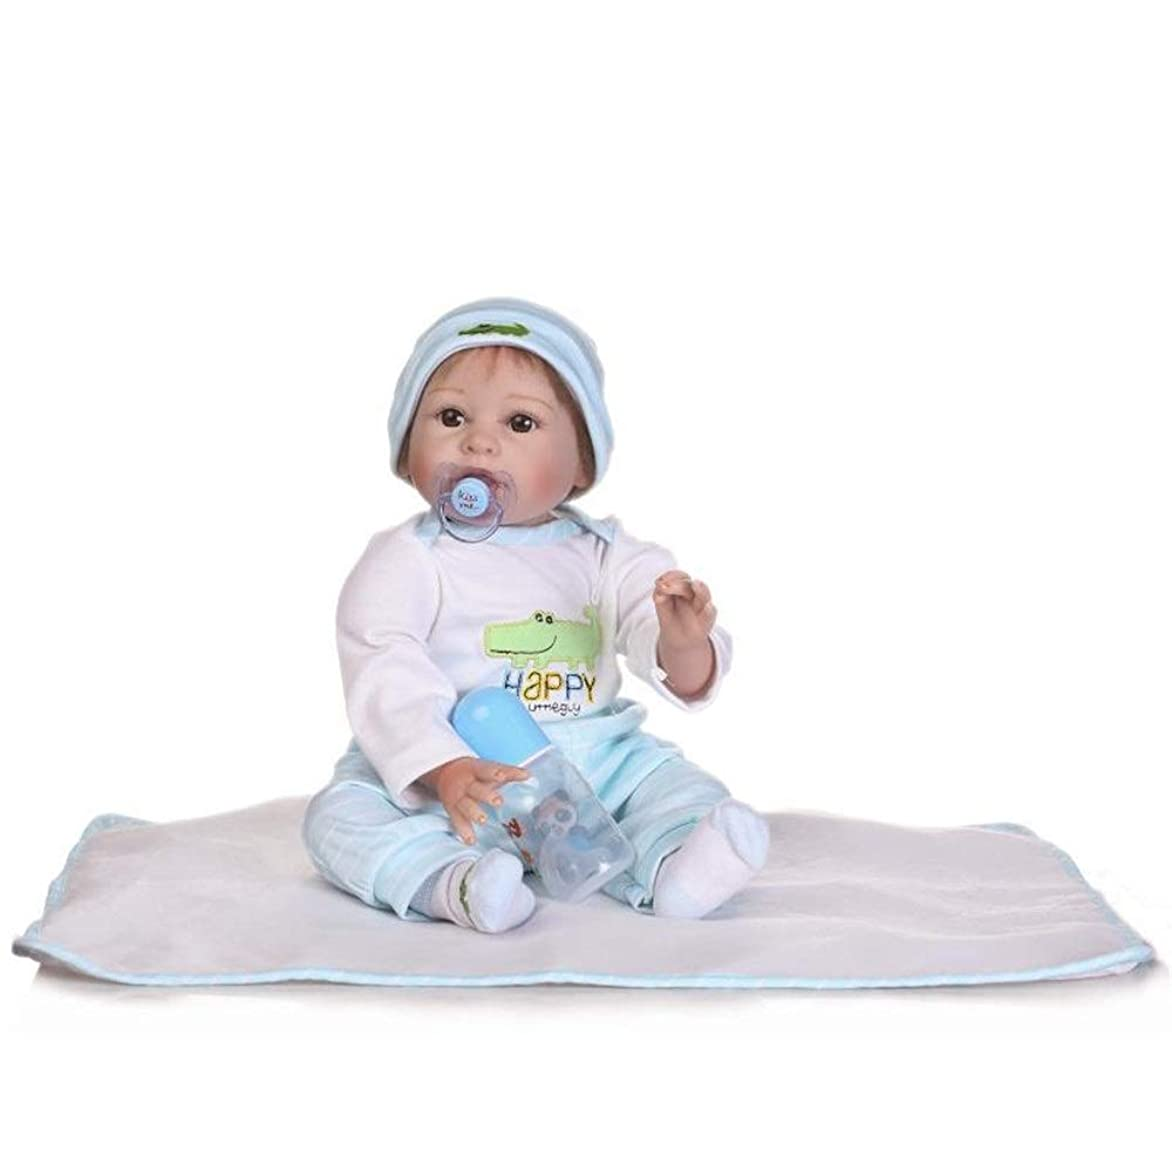 掃除予約眠るかわいい模擬赤ちゃん人形はお子様の 22